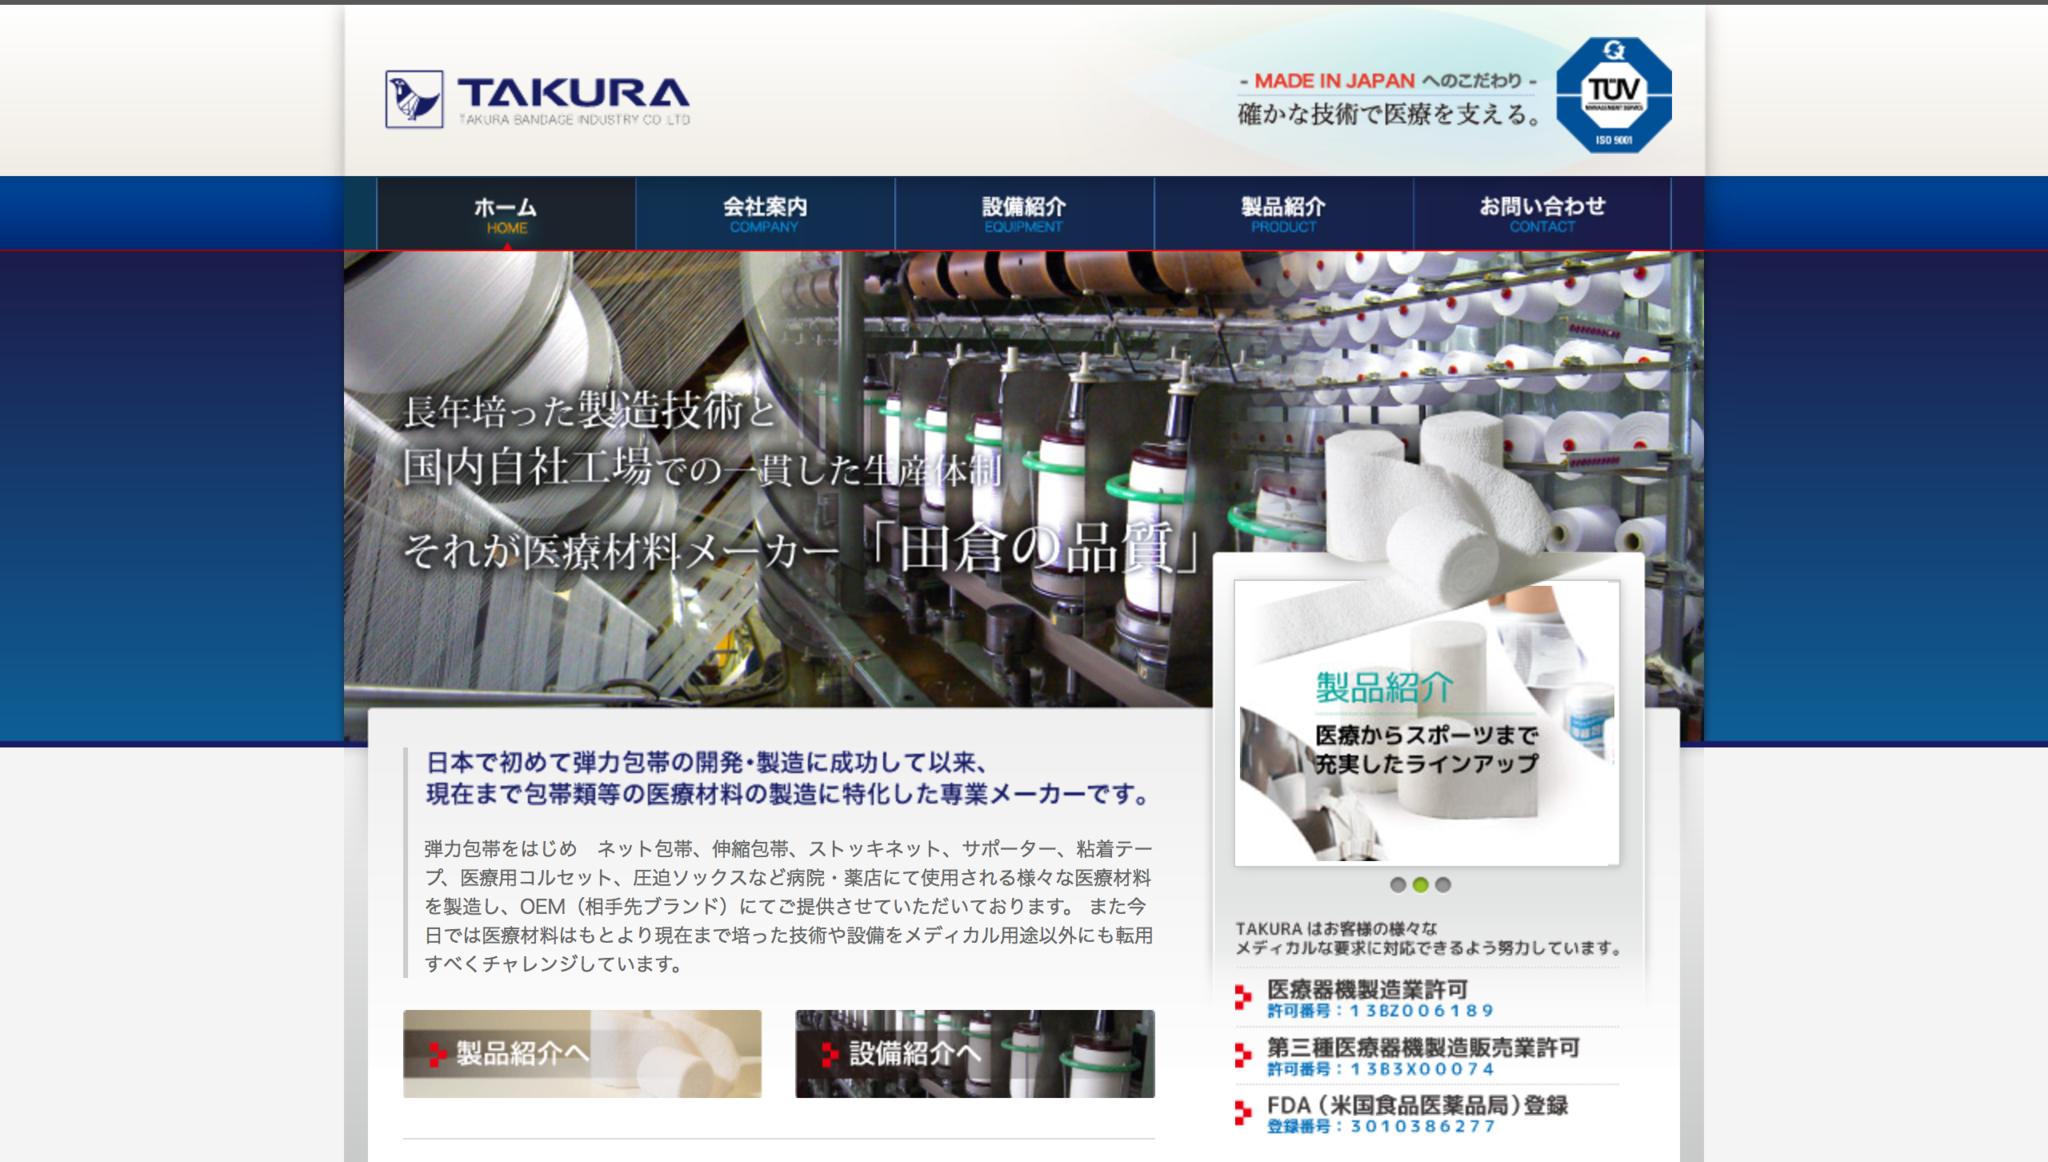 田倉繃帯工業株式会社__確かな技術で医療を支える_.png